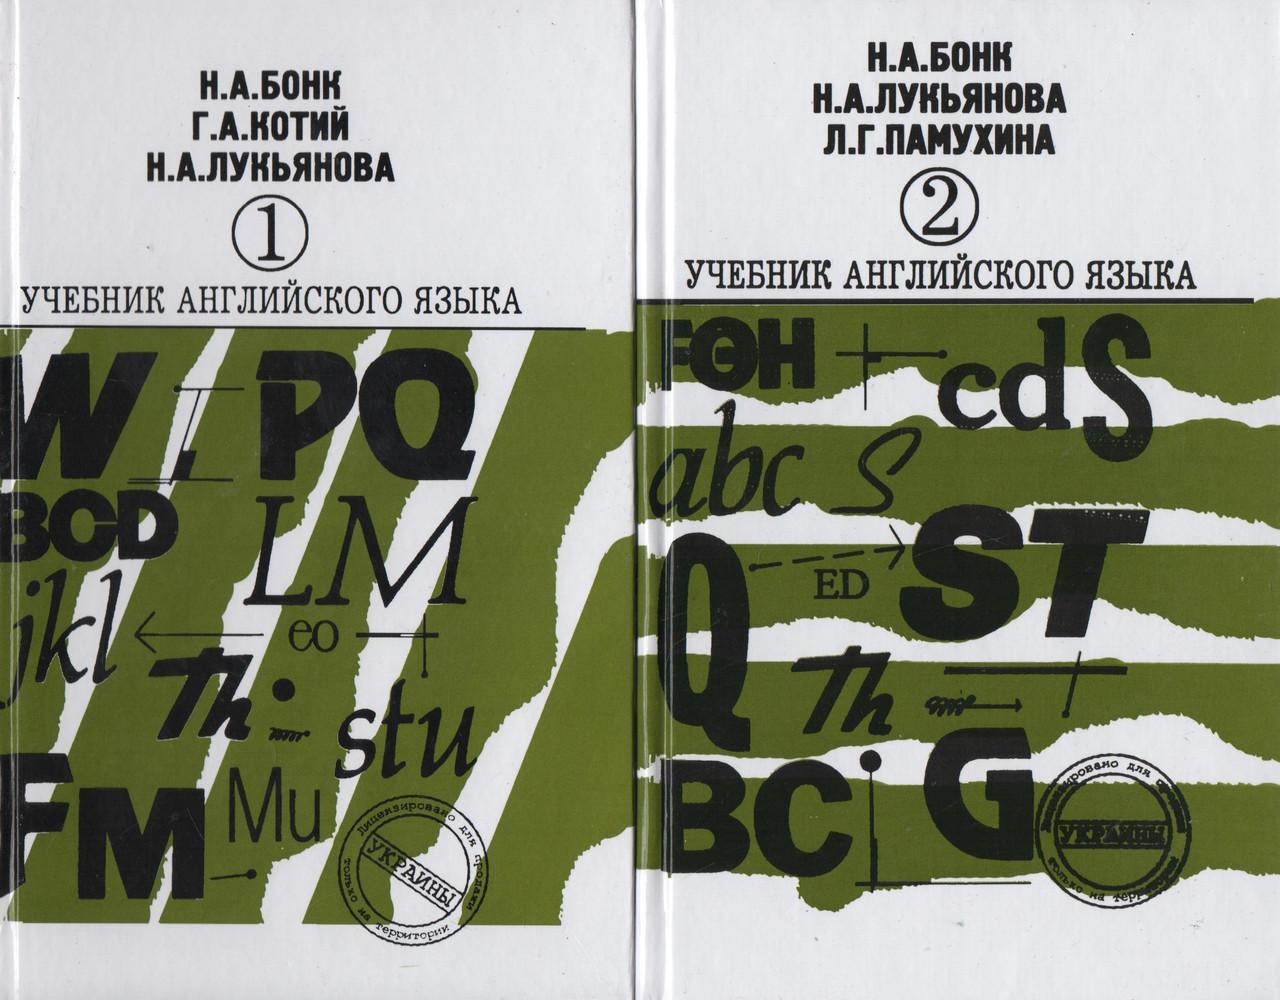 Учебник английского языка (1-2 тт.). Н. А. Бонк, Г. А. Котий